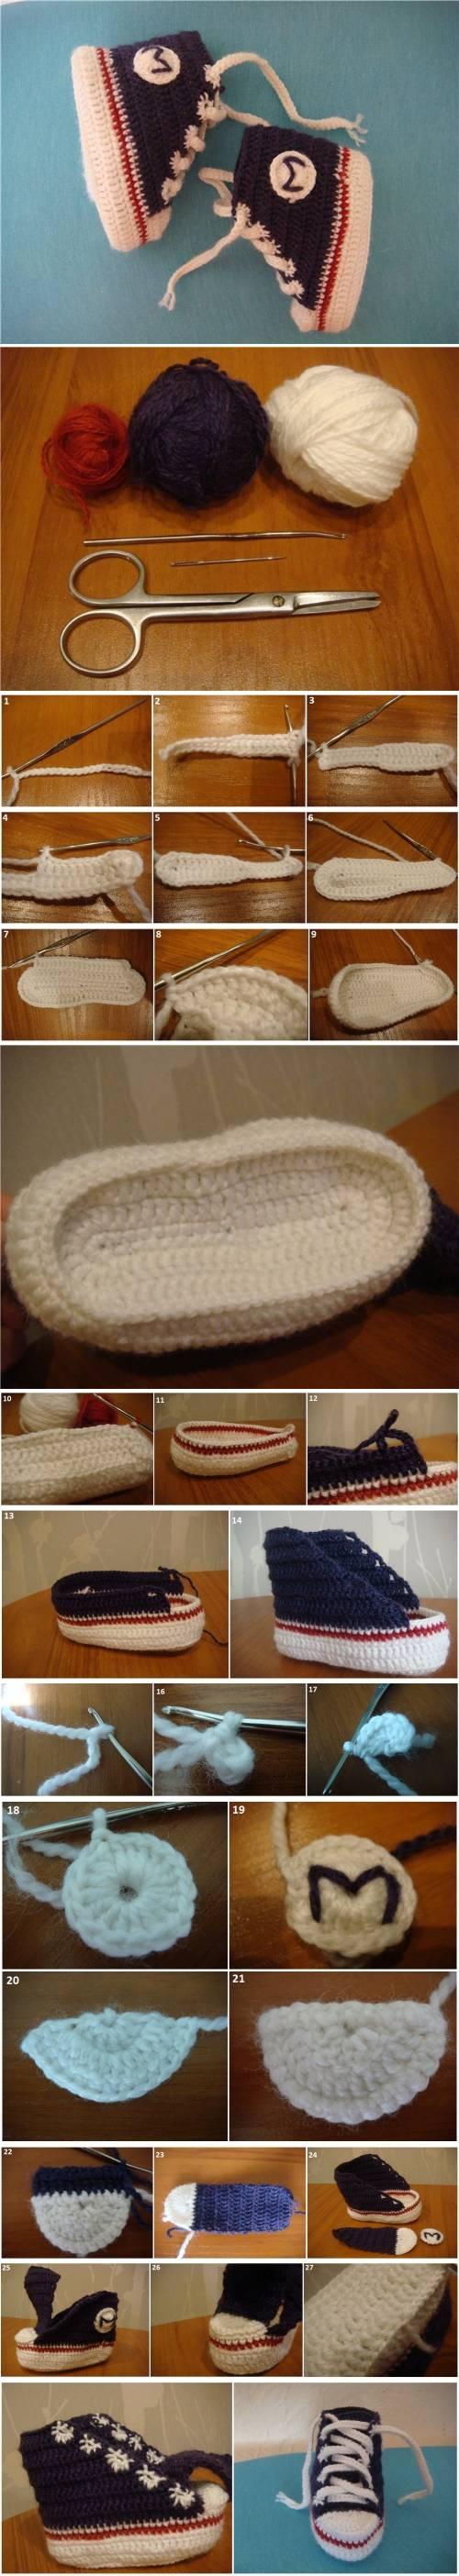 How to DIY Sneaker Style Crochet Baby Booties 0